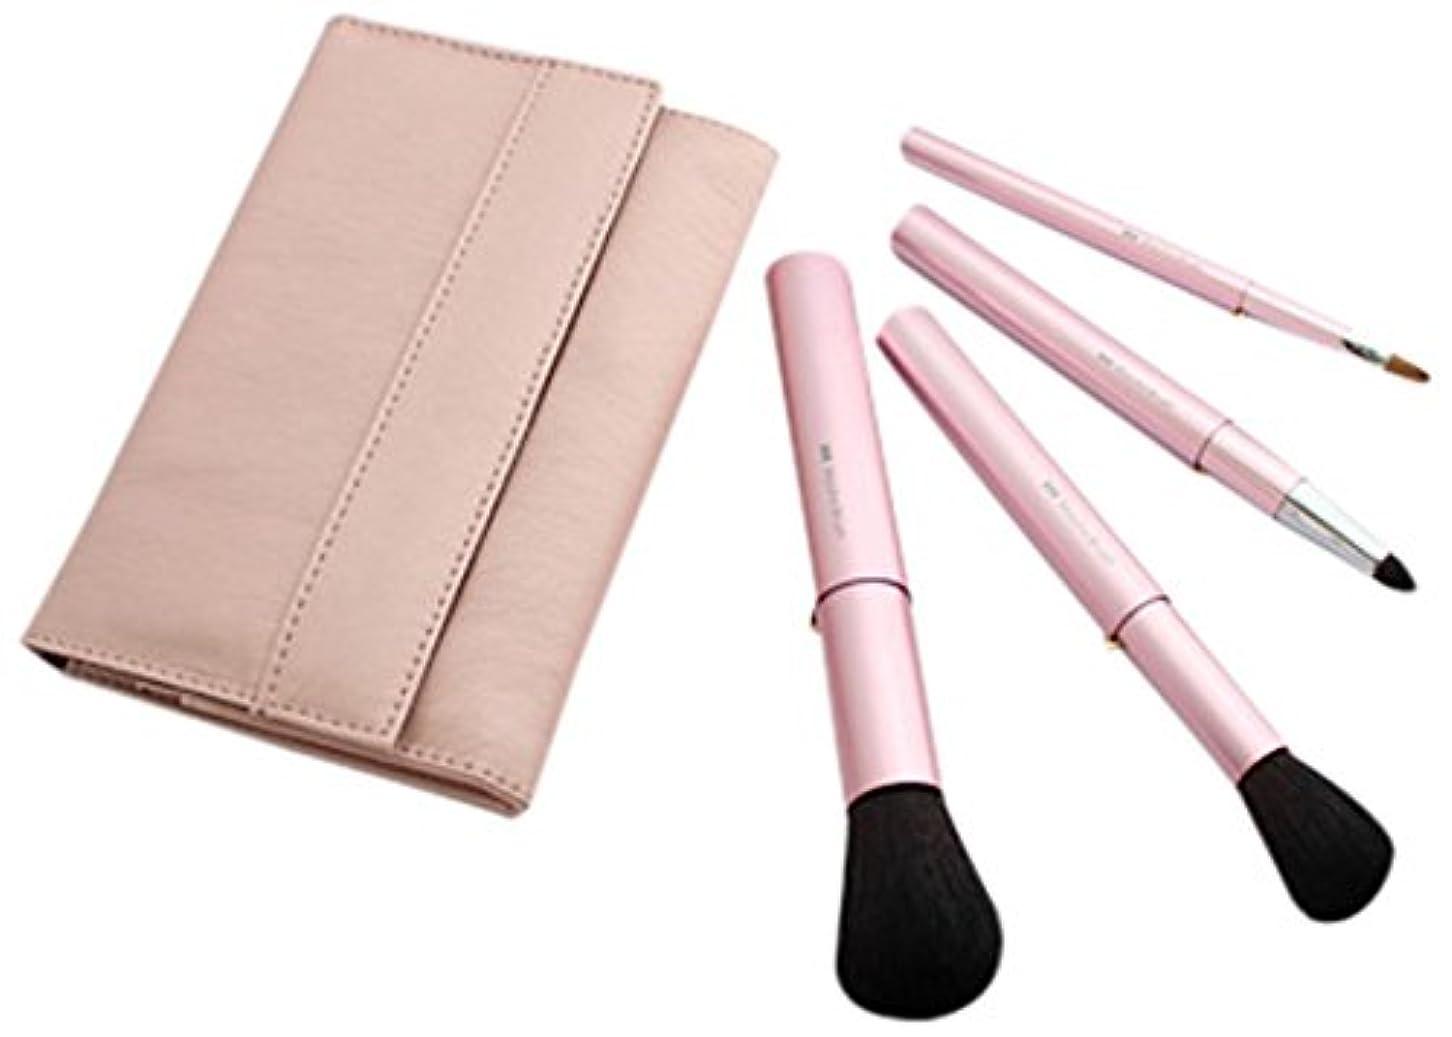 不均一スキッパー弓熊野筆 Mizuho Brush 携帯用スライド式ブラシ4本セット ピンク